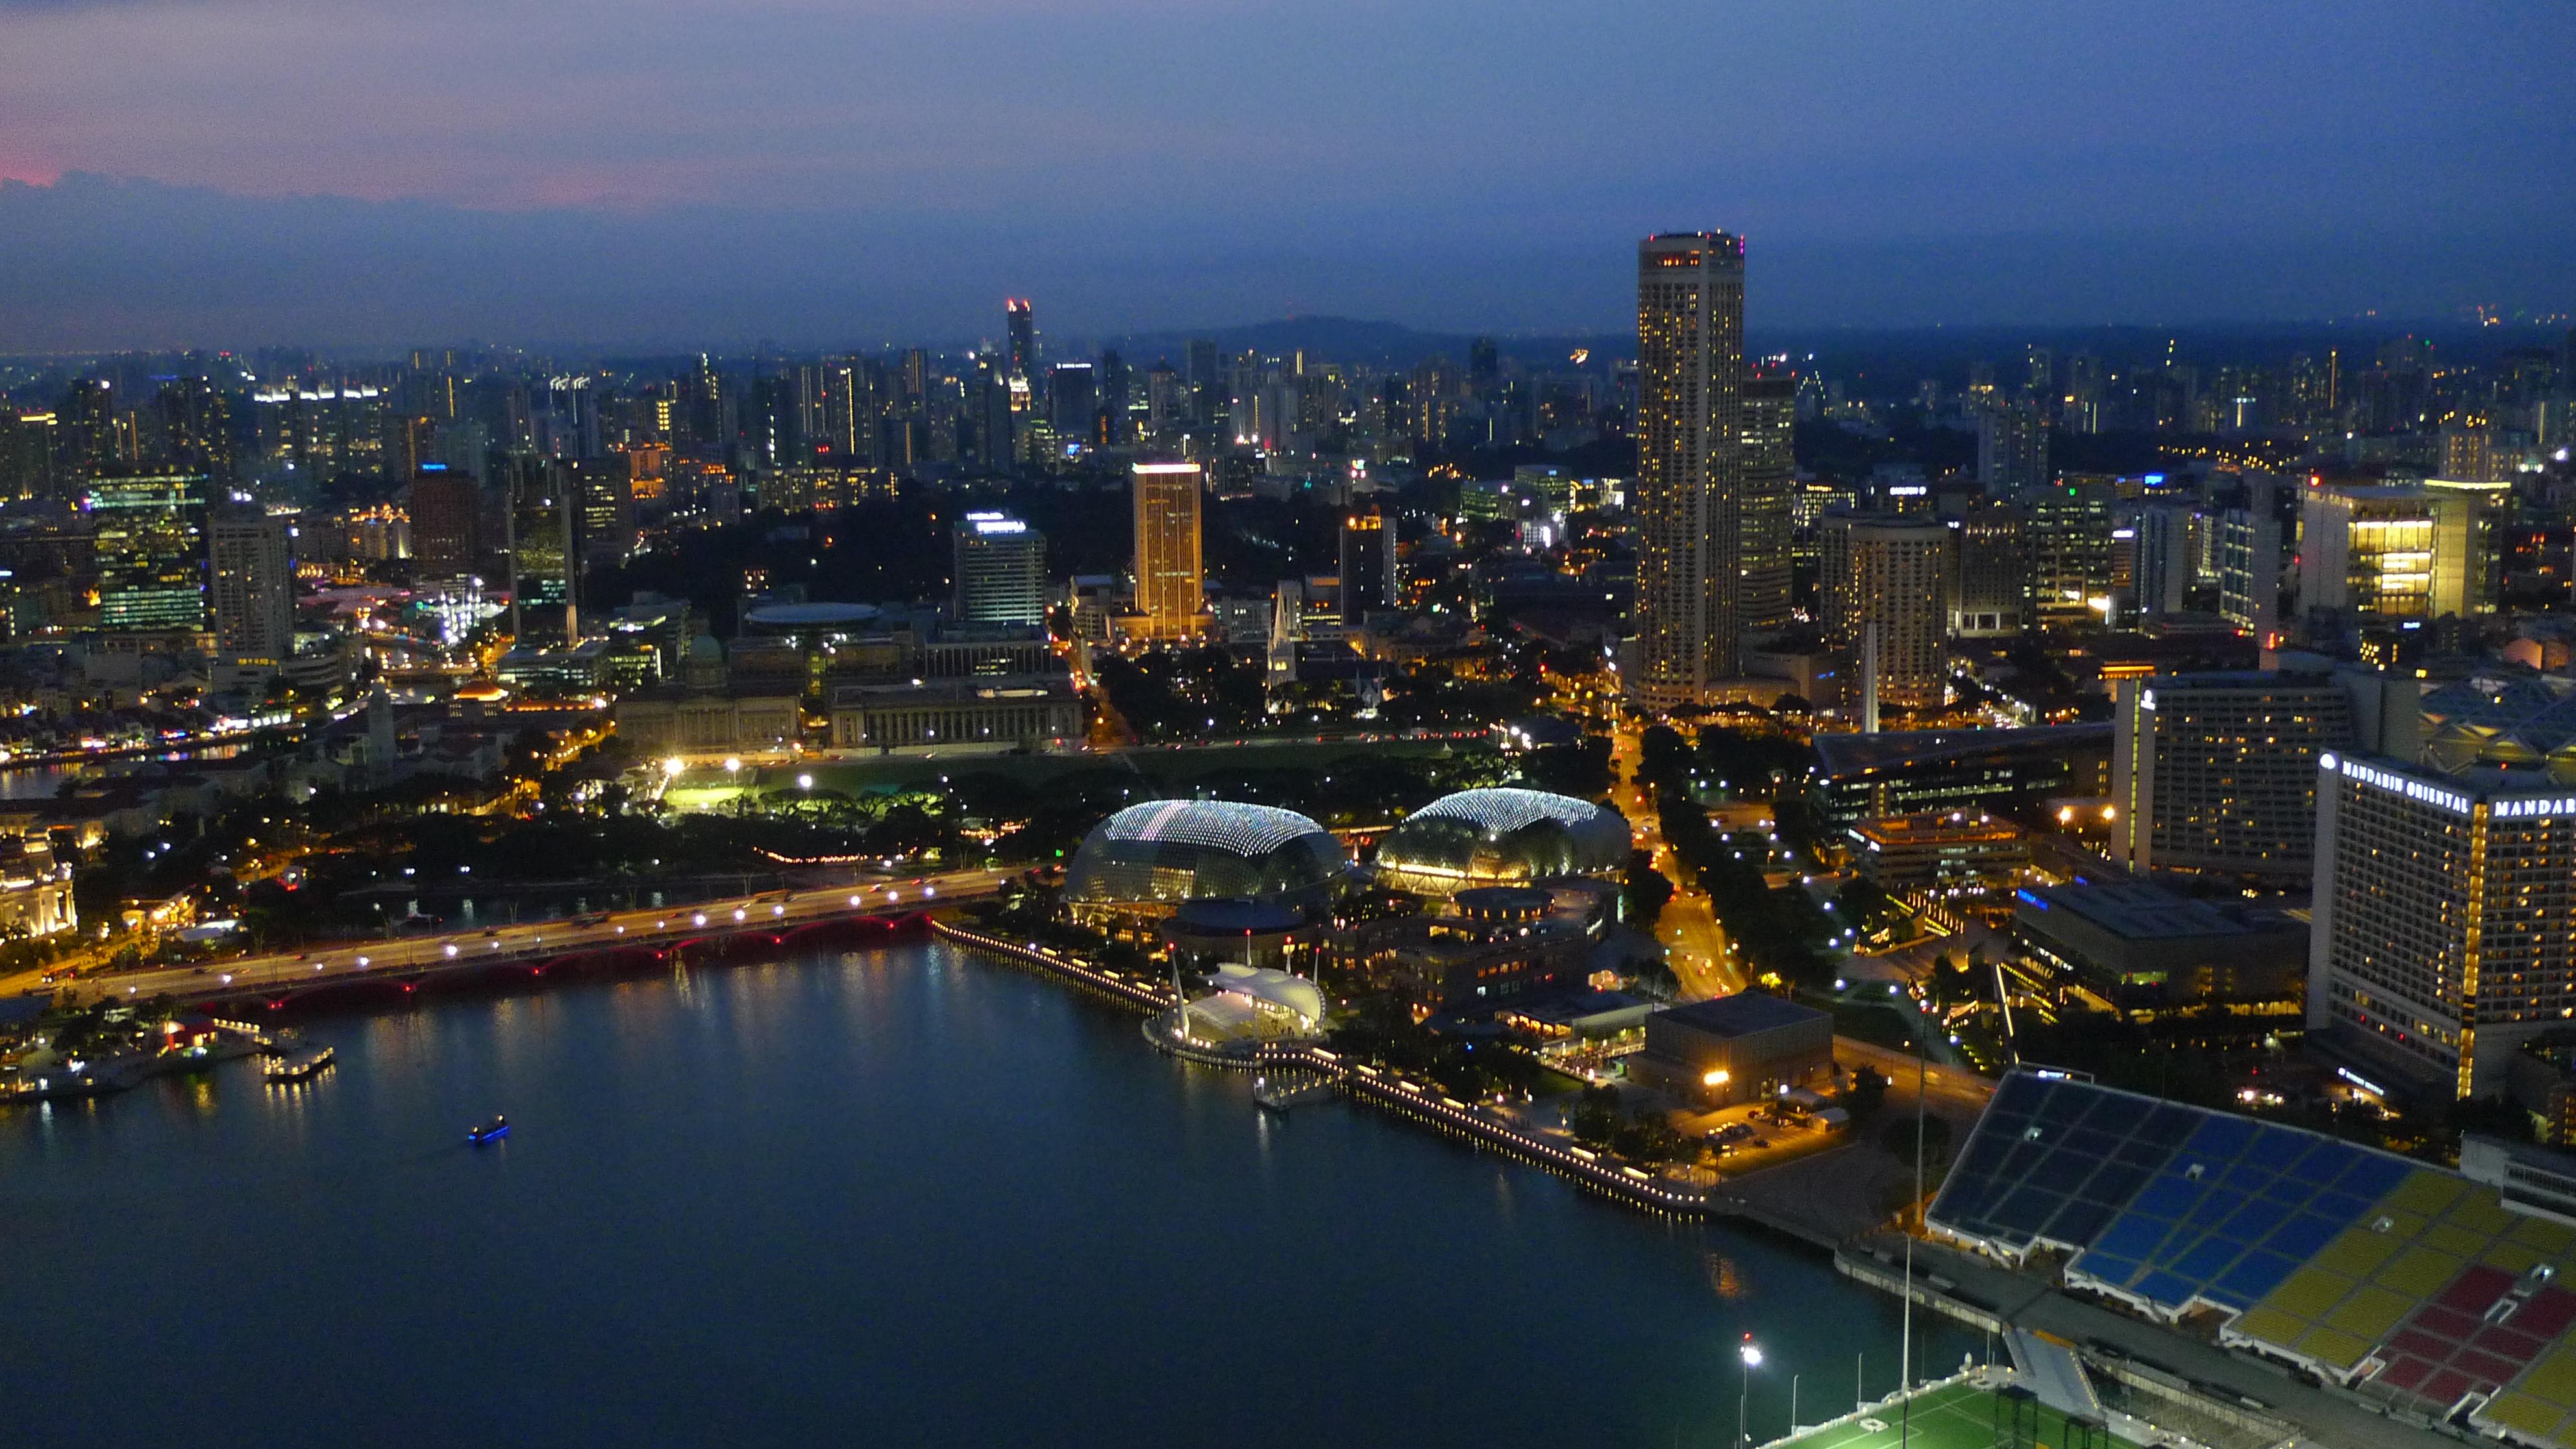 singapore(新加坡滨海湾